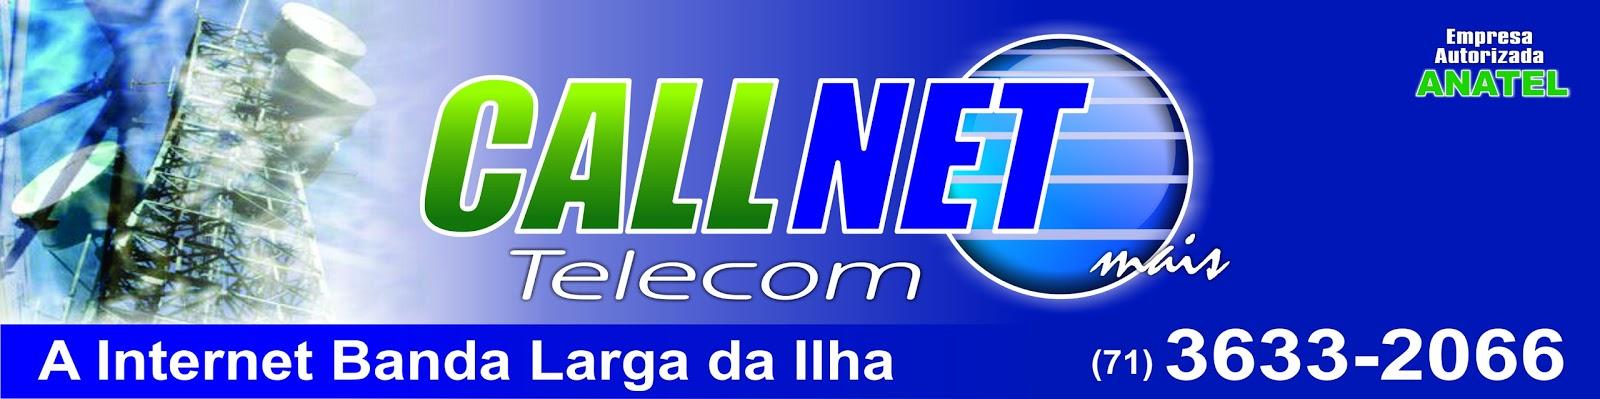 CALLNET TELECOM: A sua melhor opção em banda larga